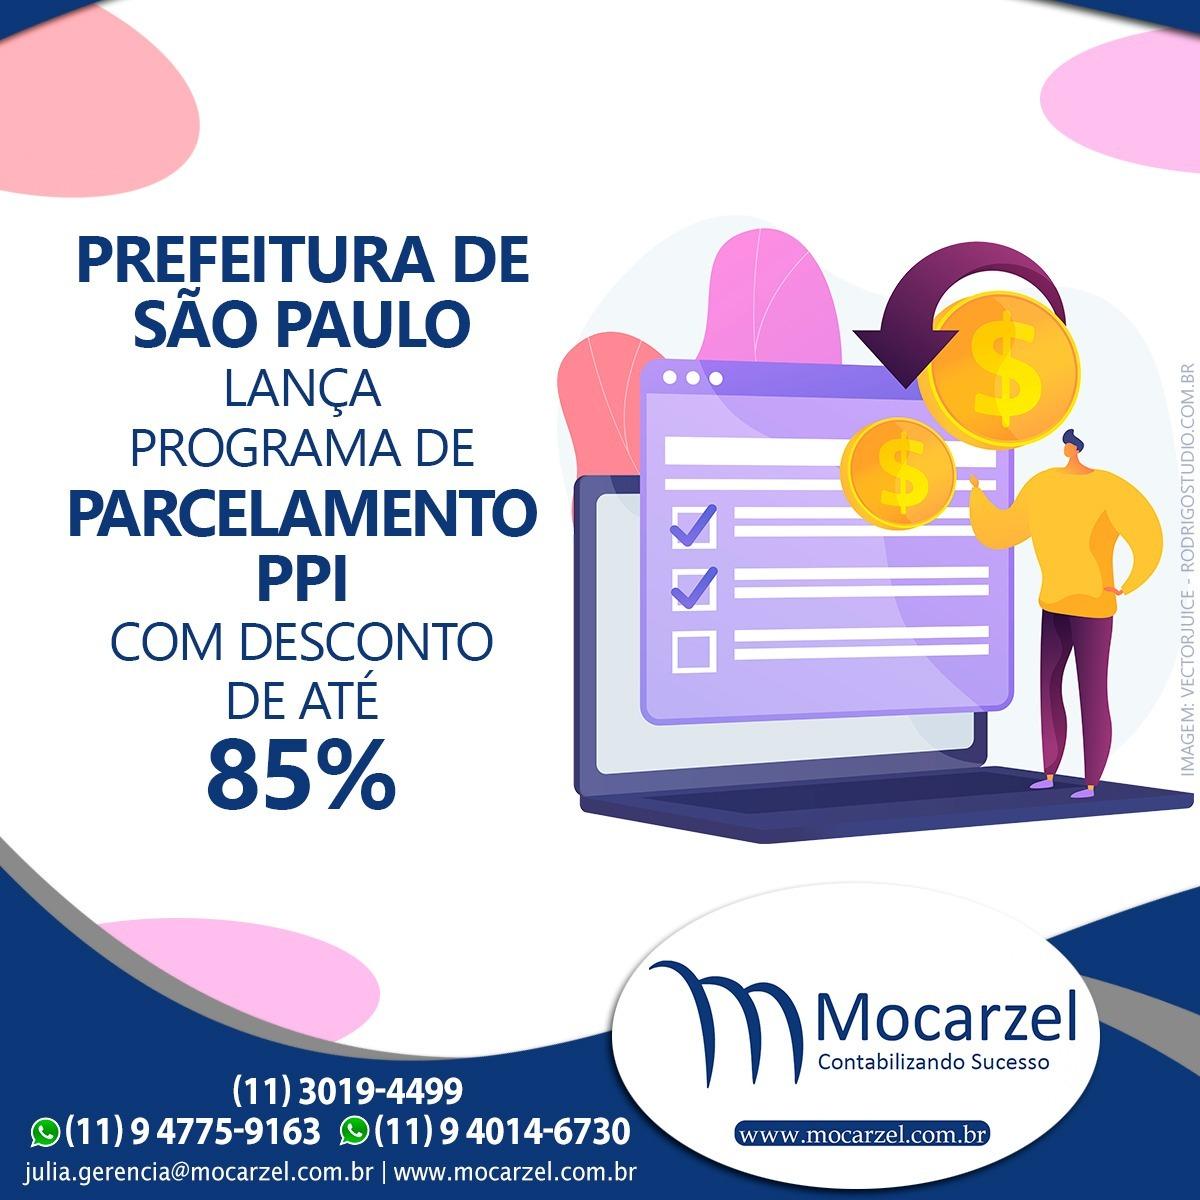 Foto de capa PREFEITURA DE SÃO PAULO LANÇA PROGRAMA DE PARCEMENTO – PPI ATÉ 120 PARCELAS